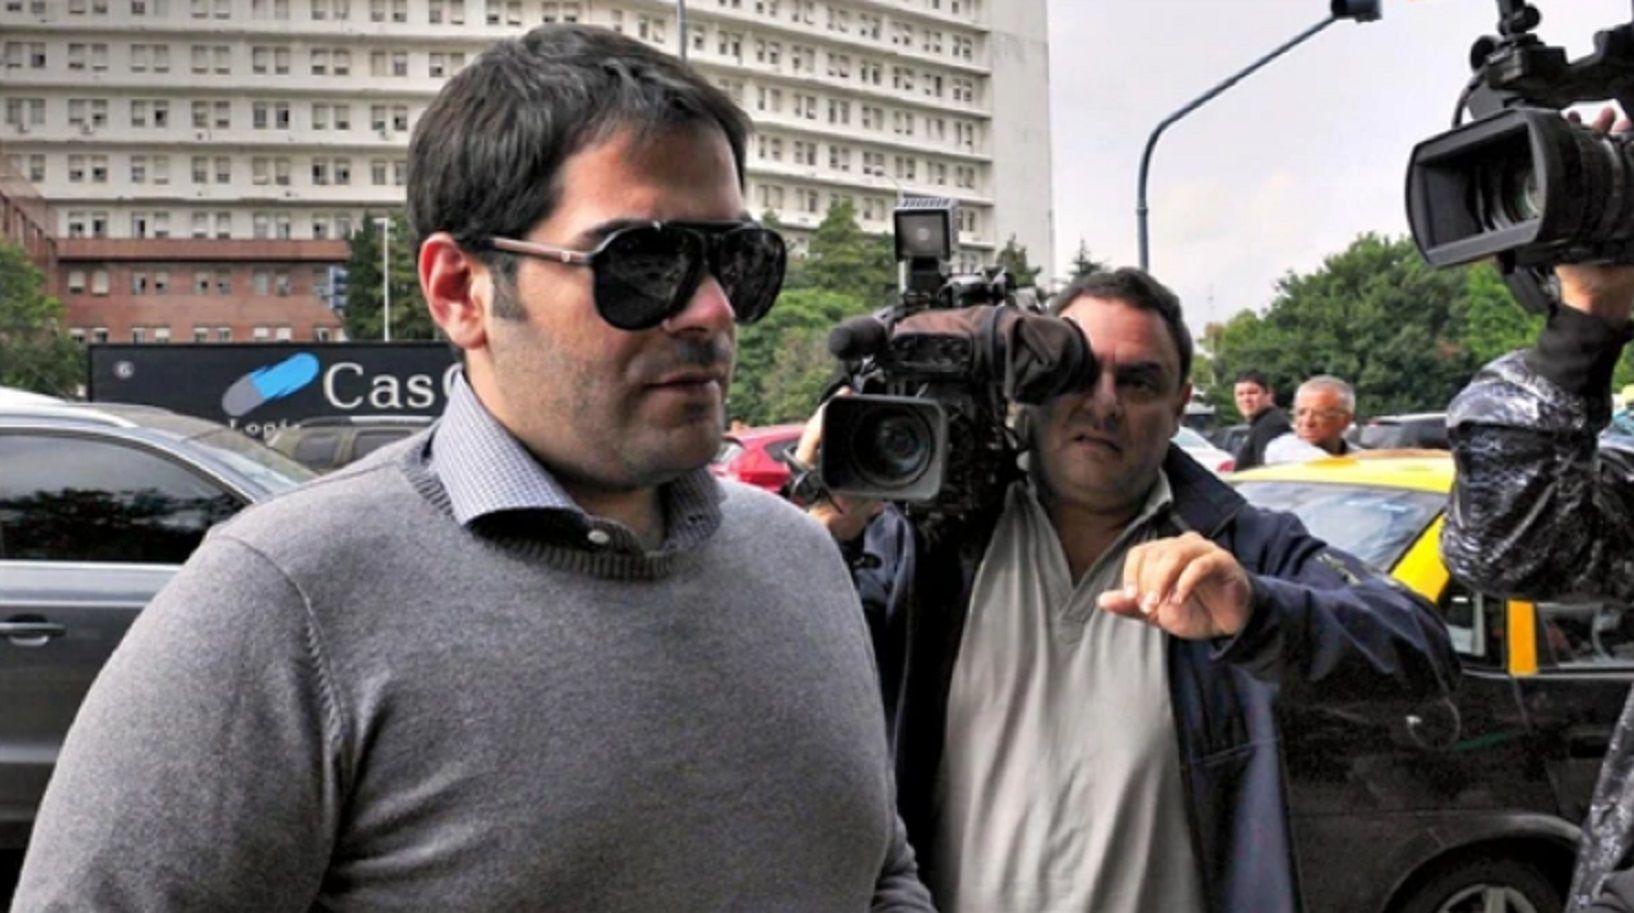 Elaskar declaró en el juicio por lavado y apuntó contra los medios